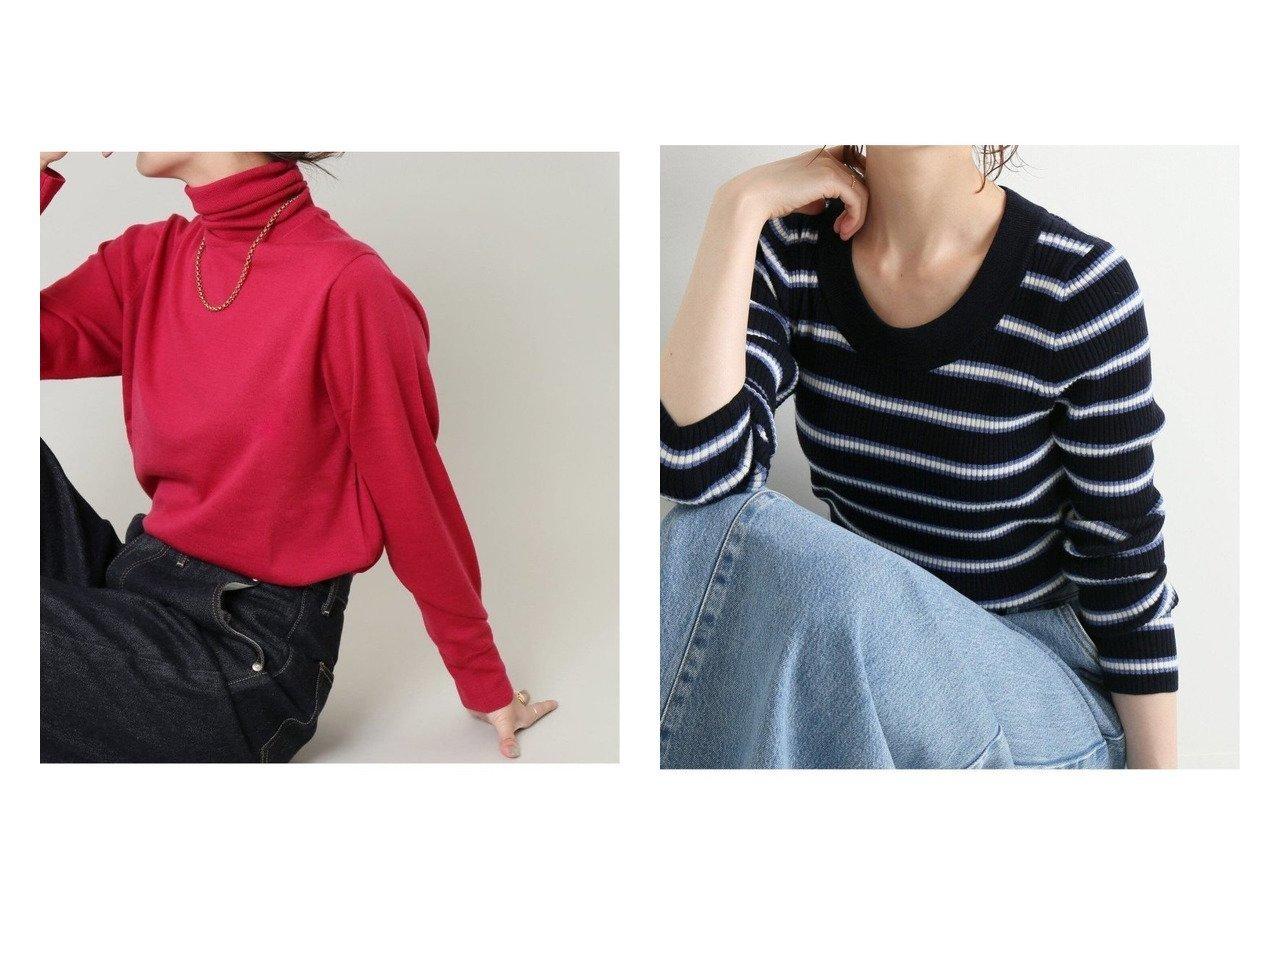 【IENA/イエナ】の3x3リブ Uネックプルオーバー&ALBA タートルネックプルオーバー 【トップス・カットソー】おすすめ!人気、トレンド・レディースファッションの通販 おすすめで人気の流行・トレンド、ファッションの通販商品 インテリア・家具・メンズファッション・キッズファッション・レディースファッション・服の通販 founy(ファニー) https://founy.com/ ファッション Fashion レディースファッション WOMEN トップス・カットソー Tops/Tshirt ニット Knit Tops プルオーバー Pullover タートルネック Turtleneck アンサンブル イタリア インナー タートルネック 定番 Standard ベーシック A/W・秋冬 AW・Autumn/Winter・FW・Fall-Winter 2021年 2021 2021-2022秋冬・A/W AW・Autumn/Winter・FW・Fall-Winter・2021-2022 NEW・新作・新着・新入荷 New Arrivals おすすめ Recommend 人気 フィット ボーダー |ID:crp329100000071311